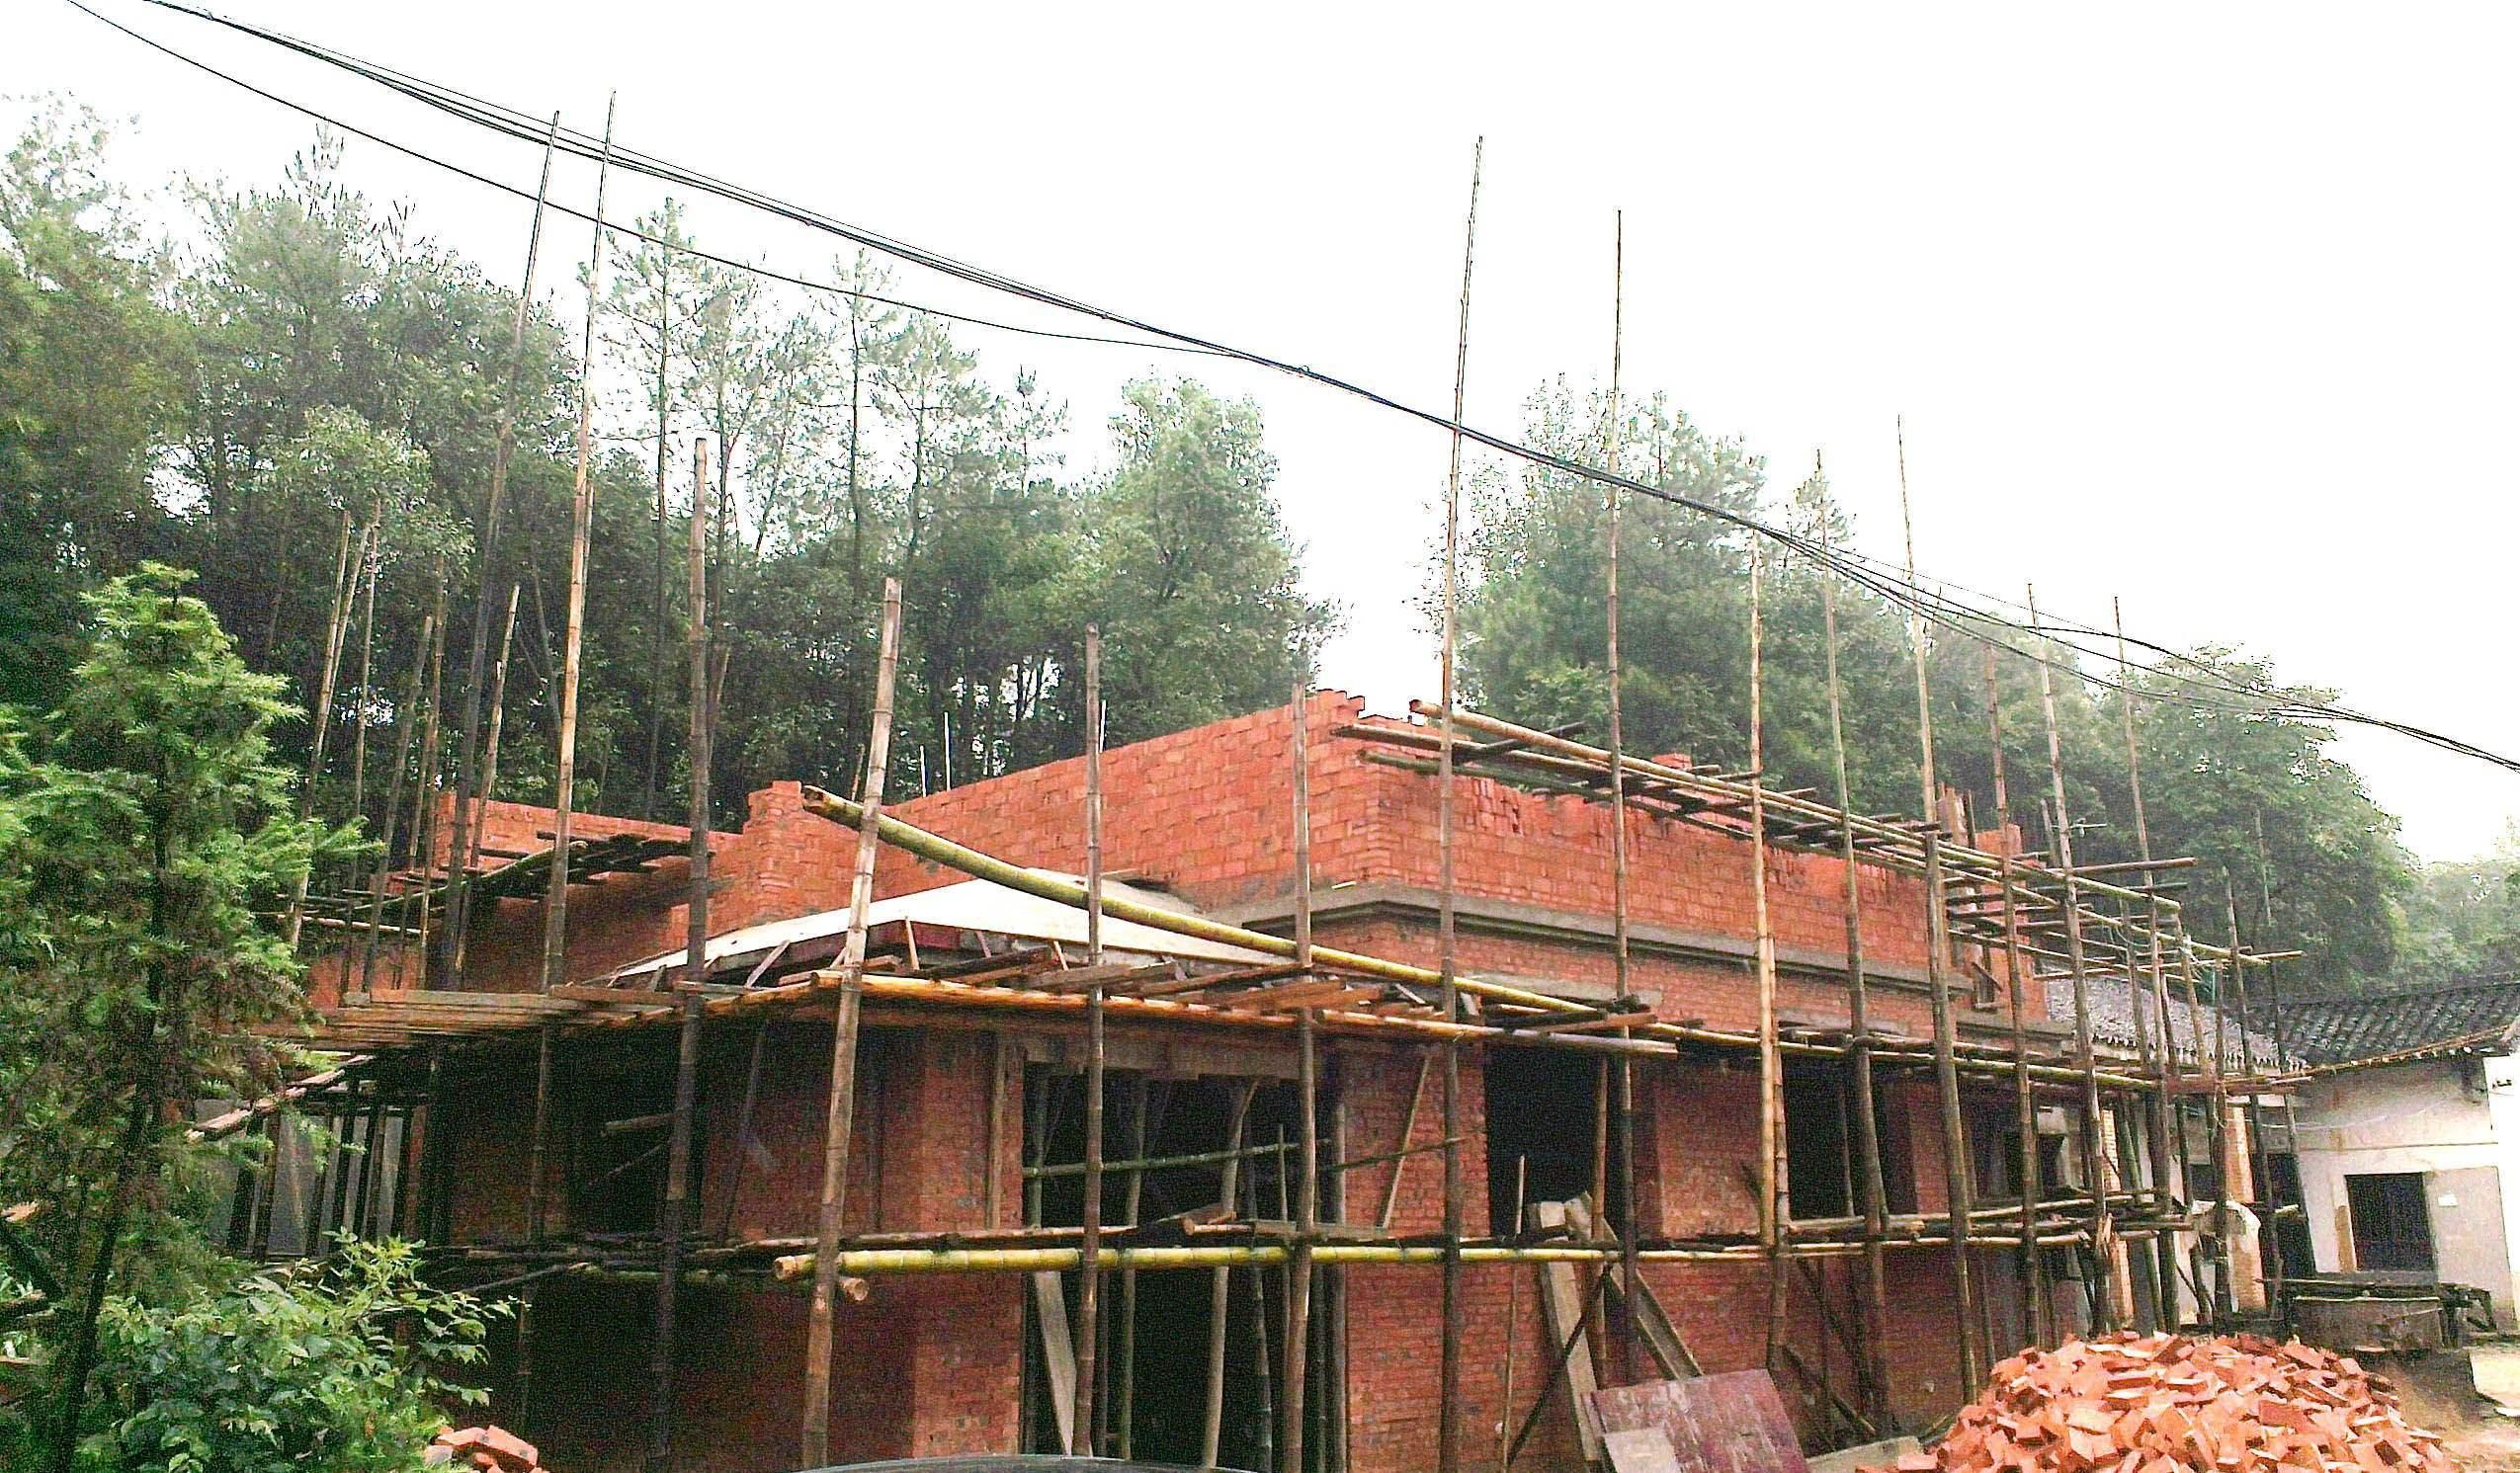 2021年村庄规划后,不批宅基地建房?不满足这些条件不予批准